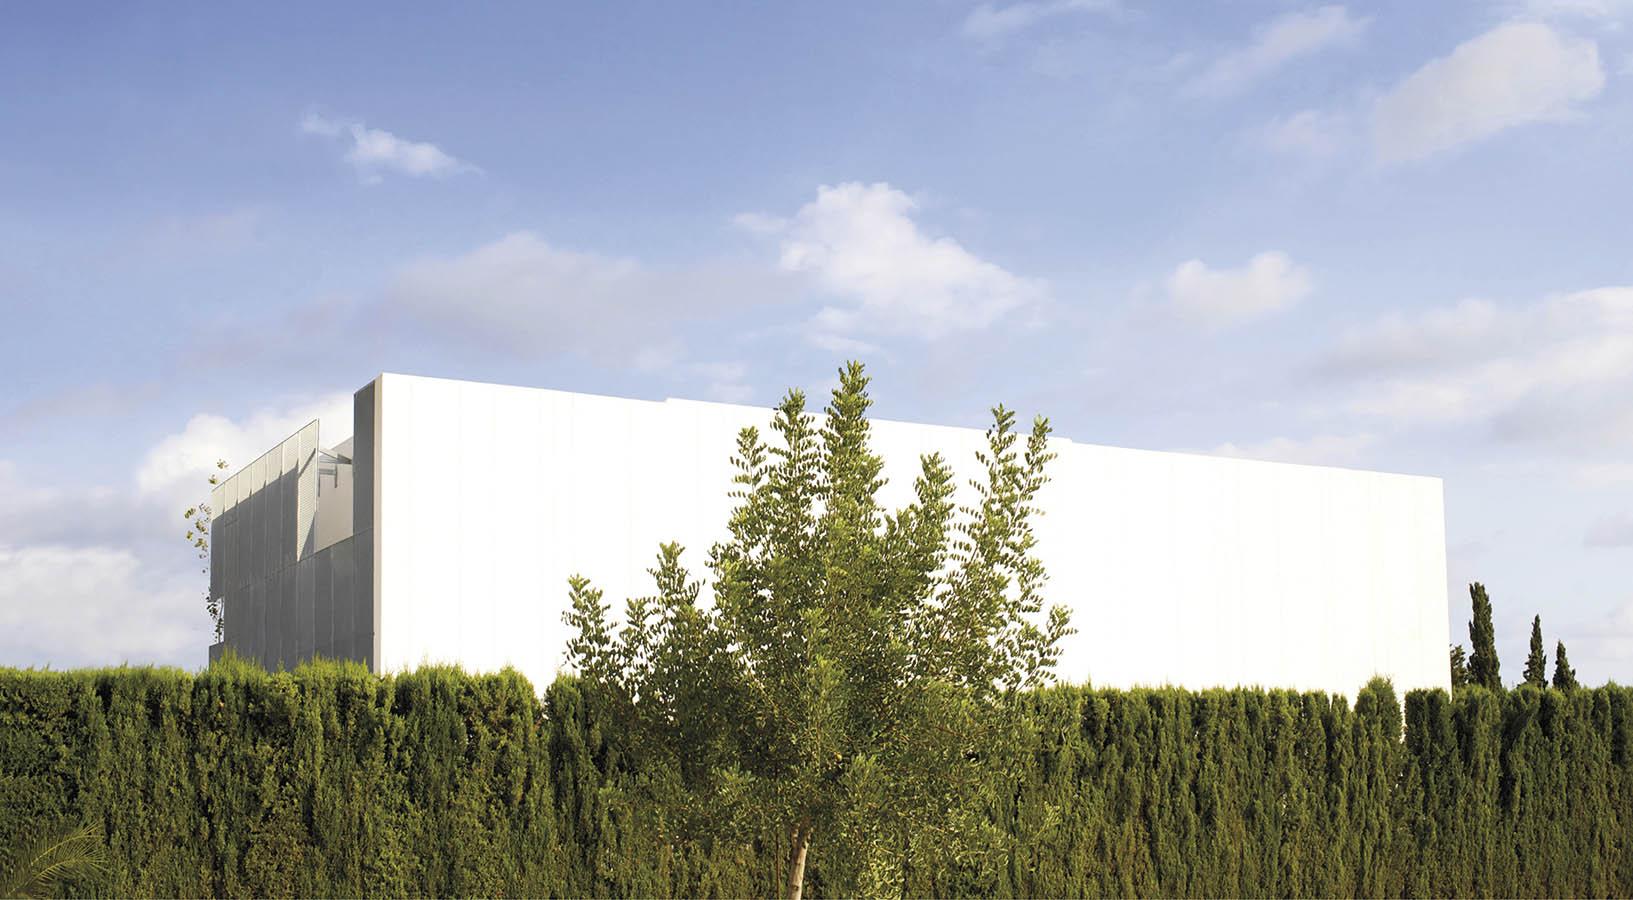 Villa La font facade de Tramex, new building, Alicante, San Juan Pueblo